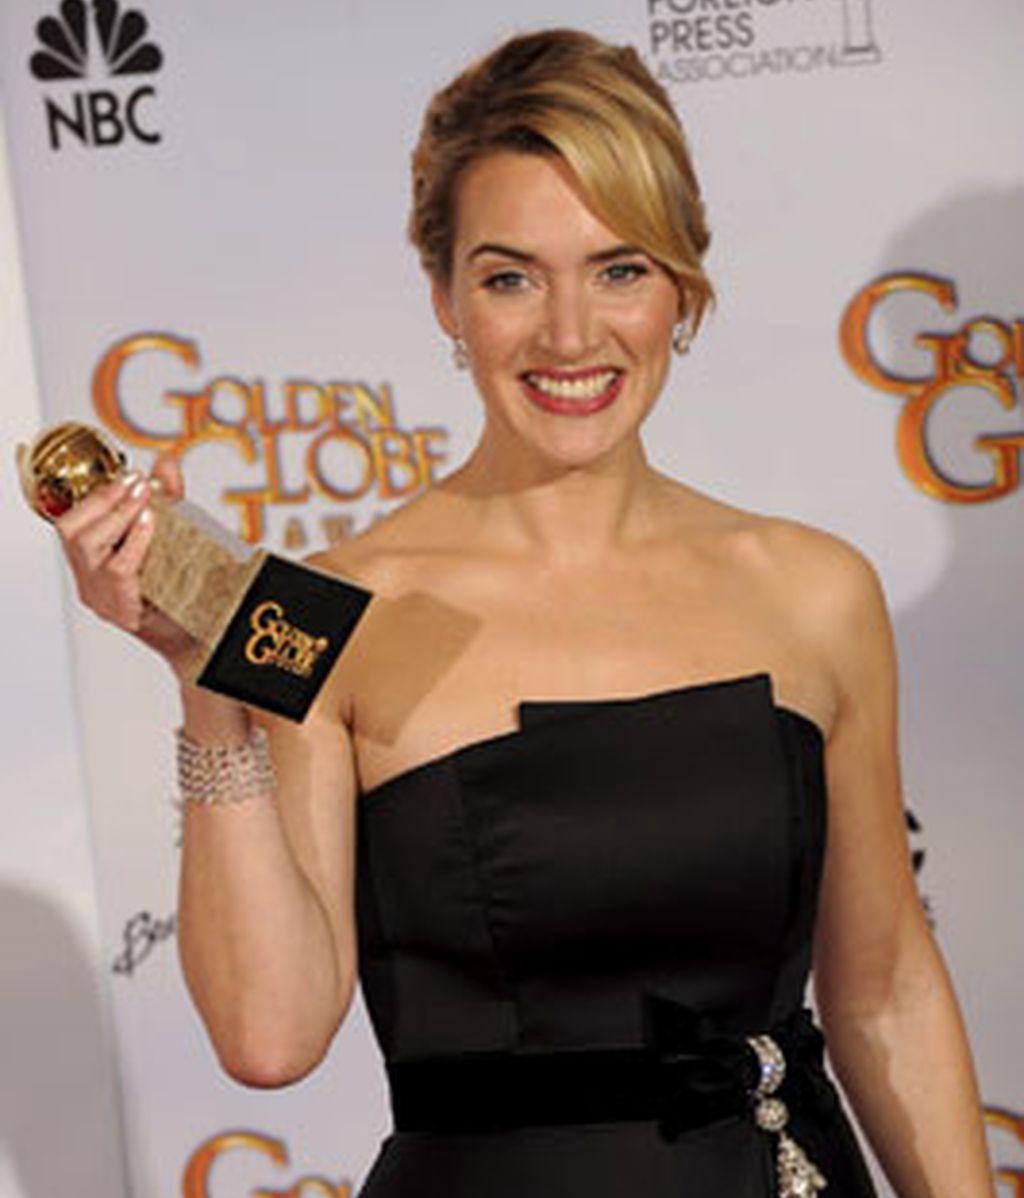 Kate Winslet festeja su premio en la reciente ceremonia de los Globos de Oro.  La actriz recibió los premios a Mejor actriz de reparto - Película por 'The Reader' y a Mejor actriz en drama por 'Revolutionary Road'. Foto EFE